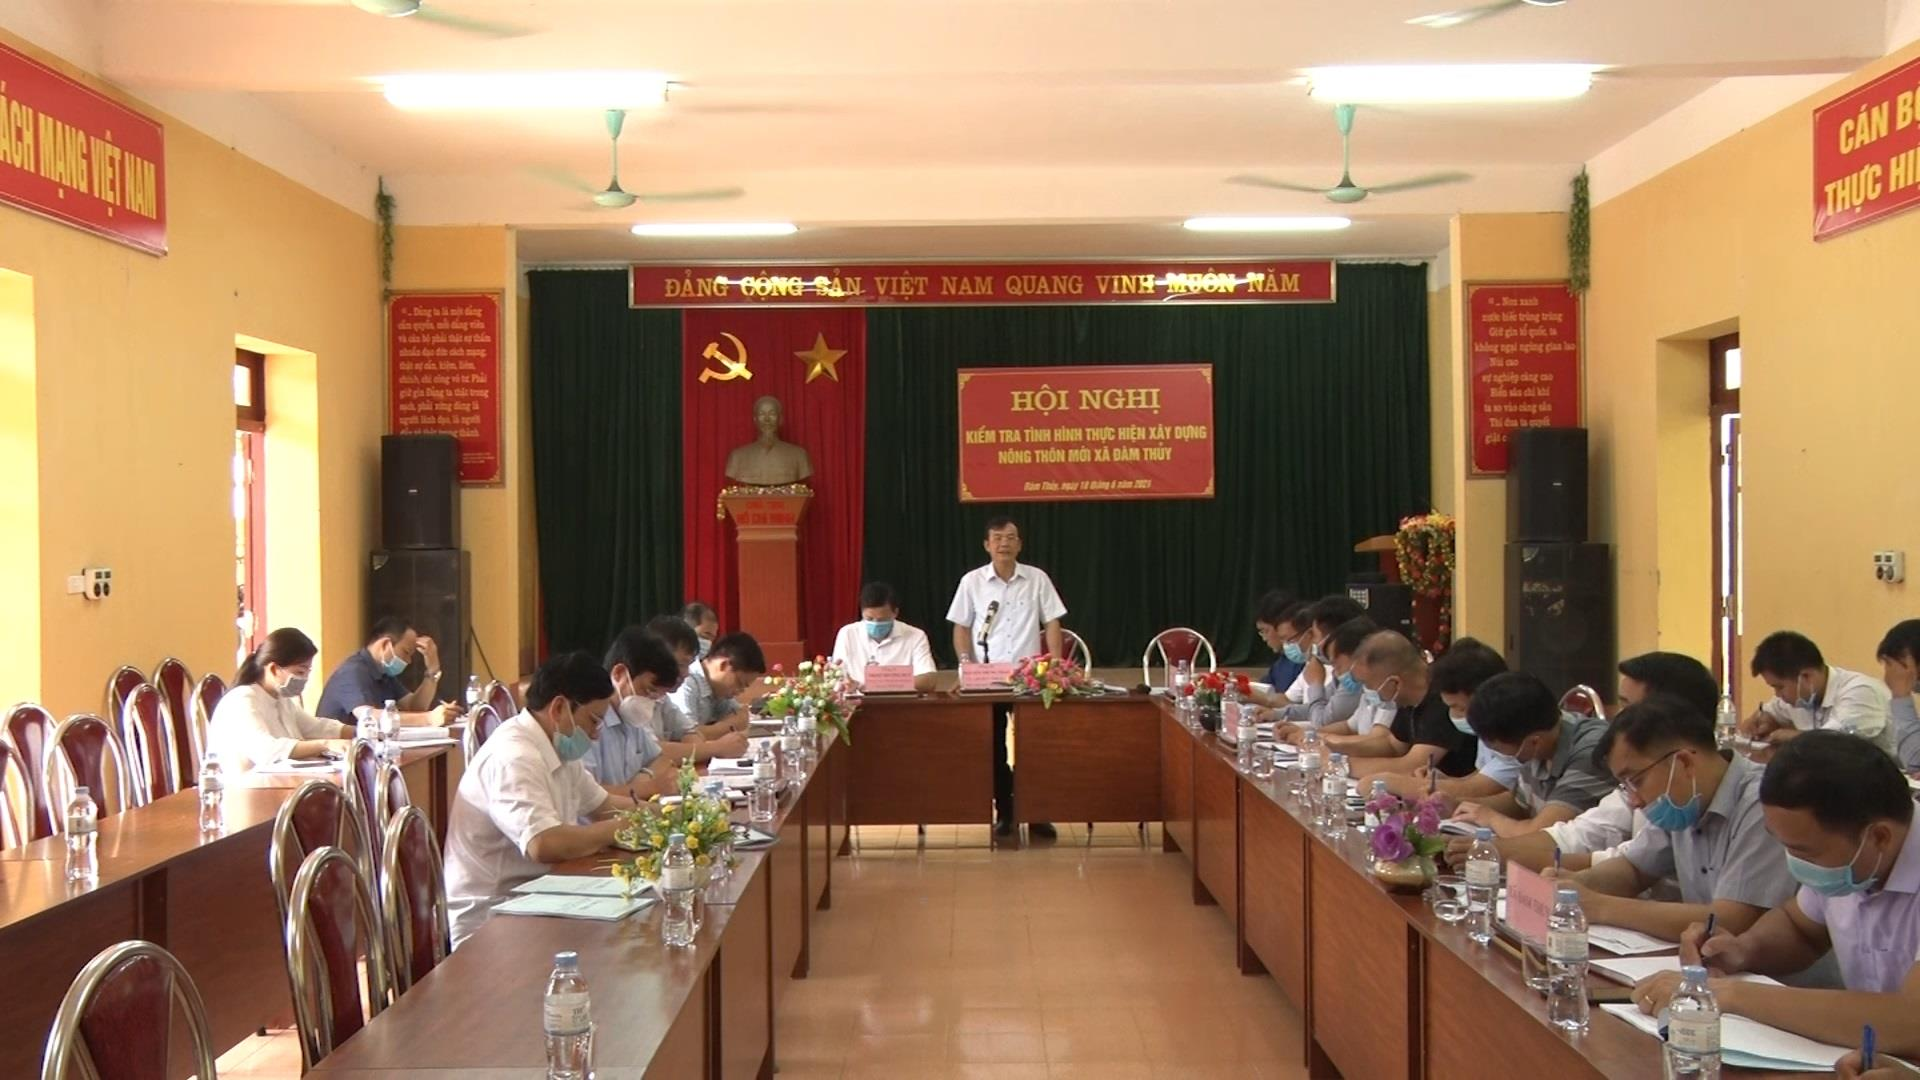 Phó Chủ tịch UBND tỉnh Nguyễn Trung Thảo kiểm tra xây dựng nông thôn mới tại xã Đàm Thủy, huyện Trùng Khánh